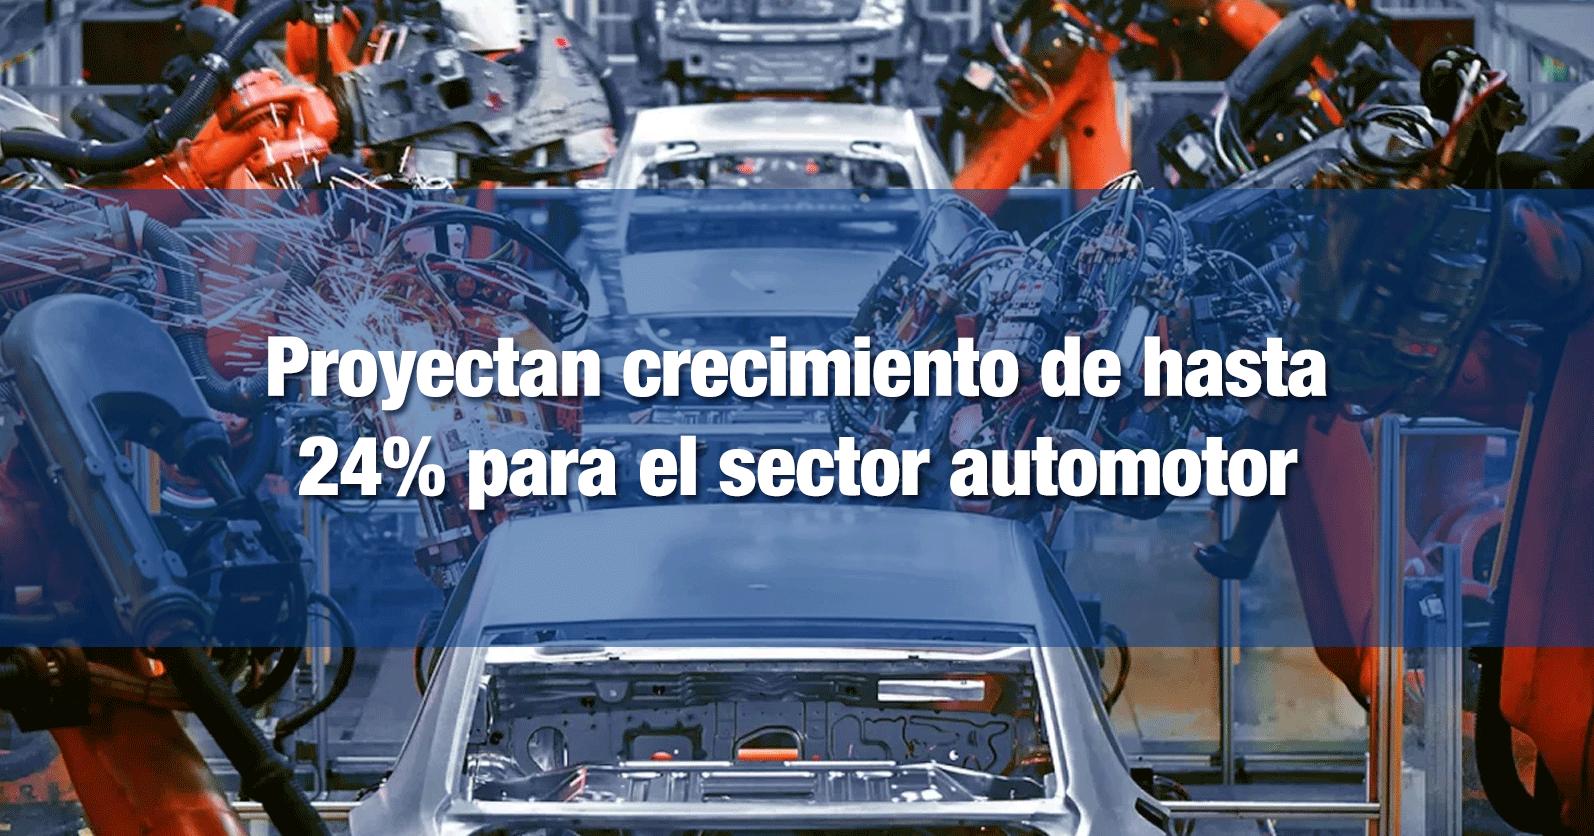 Proyectan crecimiento de hasta 24% para el sector automotor